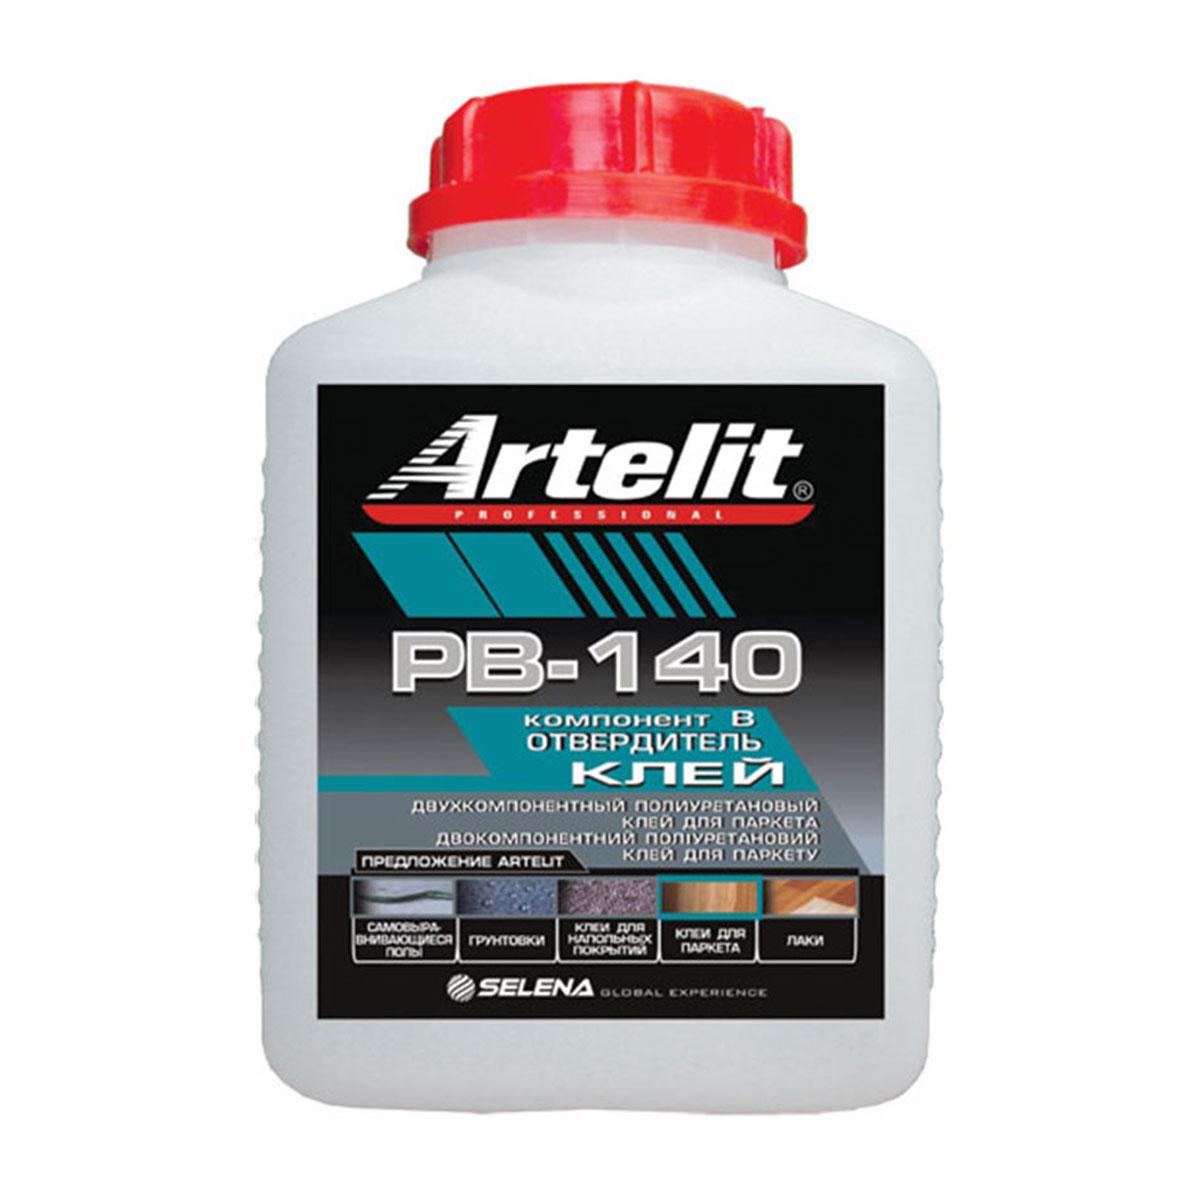 Клей Artelit Professional PB-140R Двухкомпонентный полиуретановый для паркета 10 кг